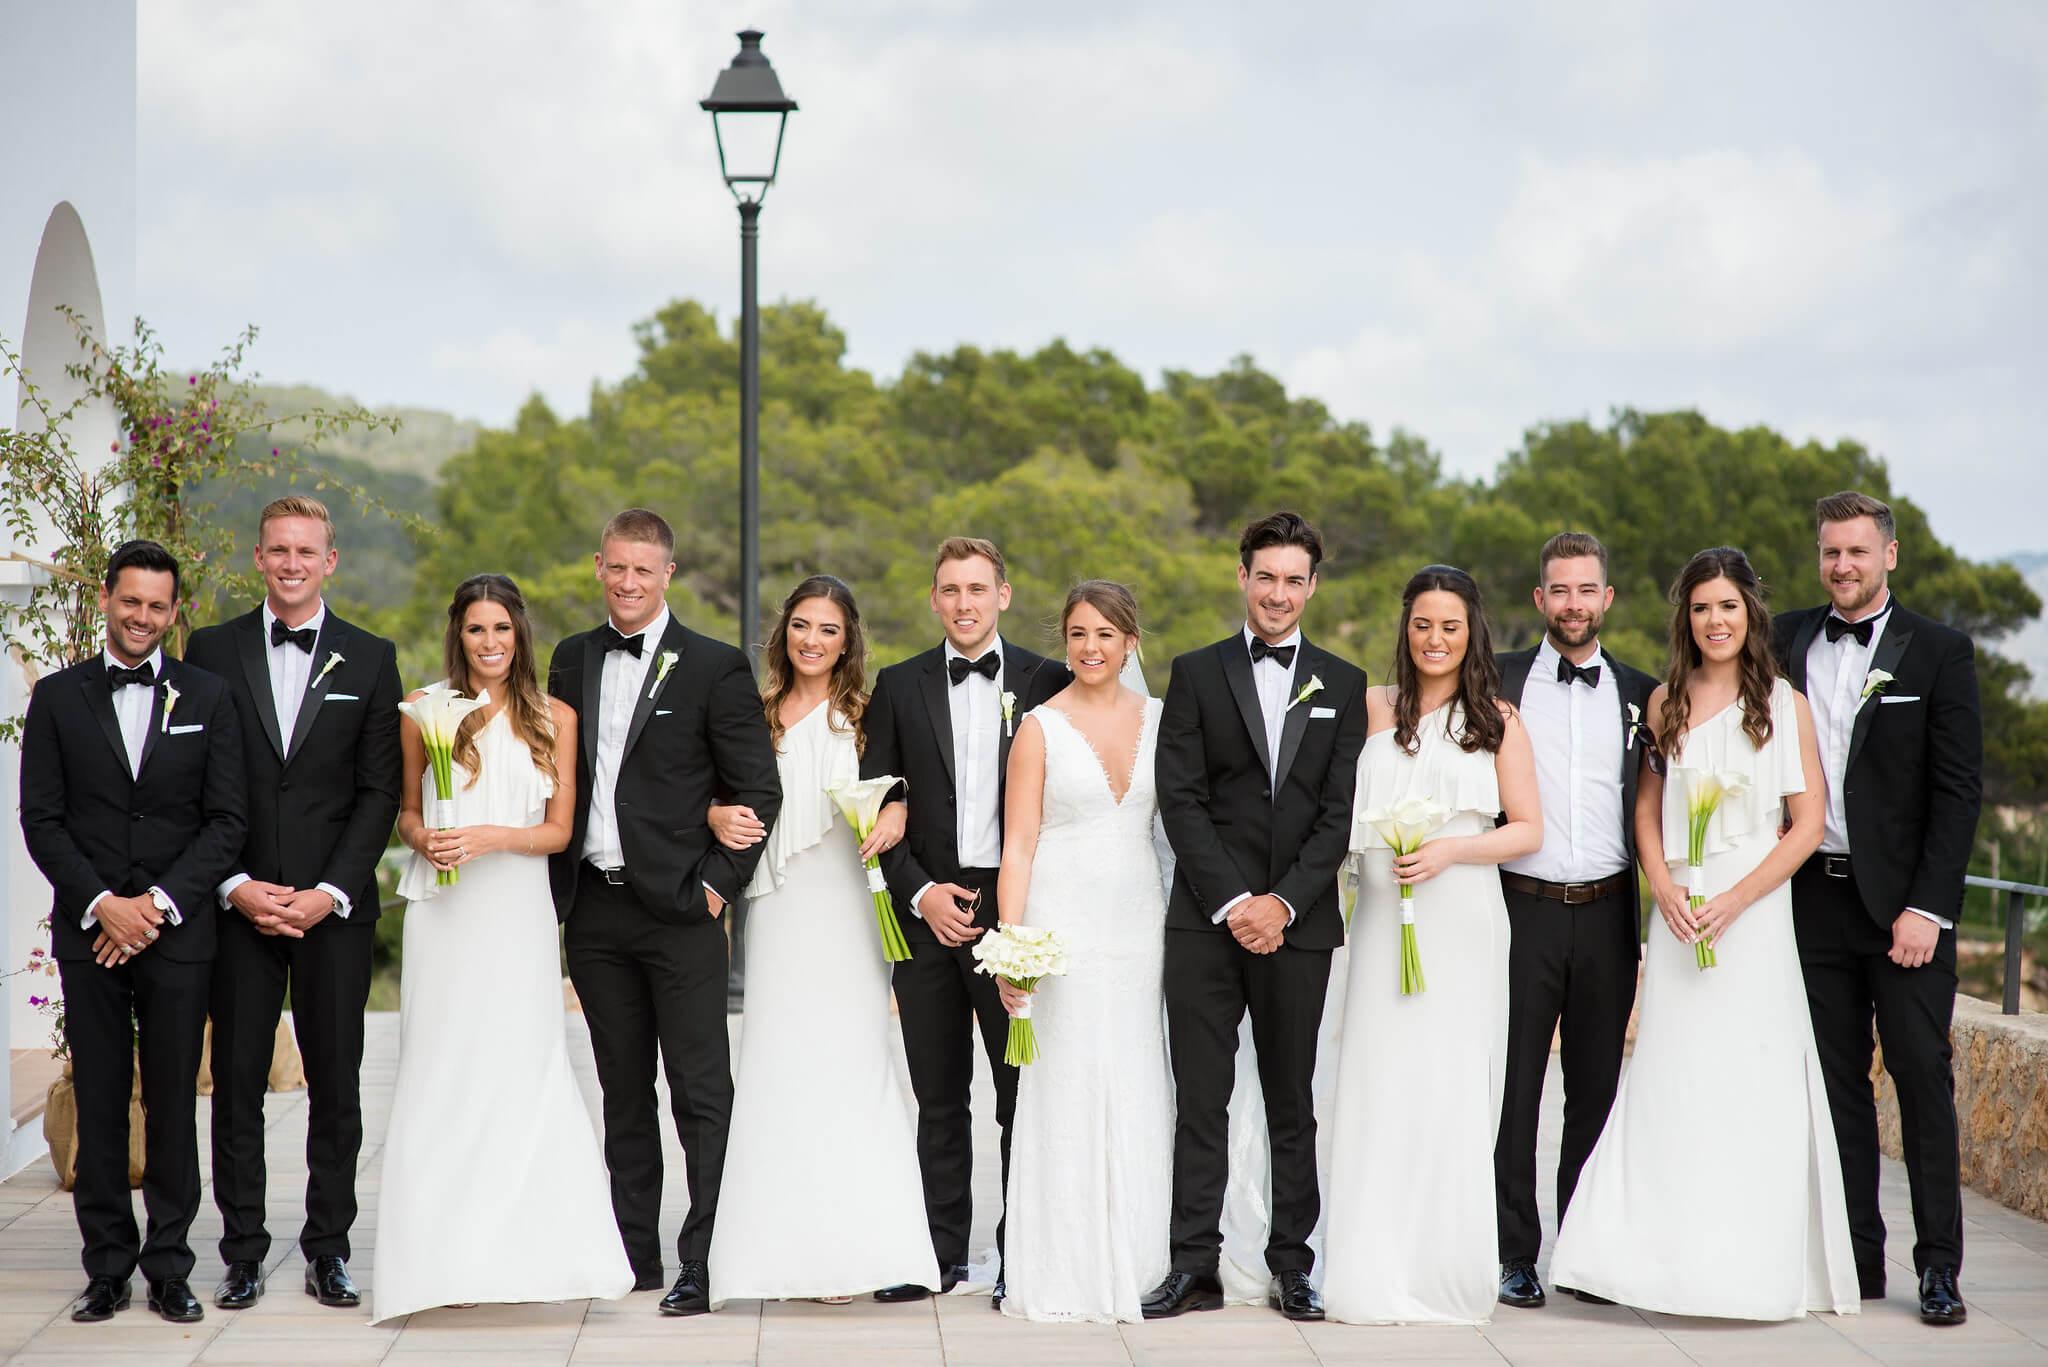 https://www.white-ibiza.com/wp-content/uploads/2020/03/ibiza-wedding-photographer-gypsy-westwood-2020-08.jpg